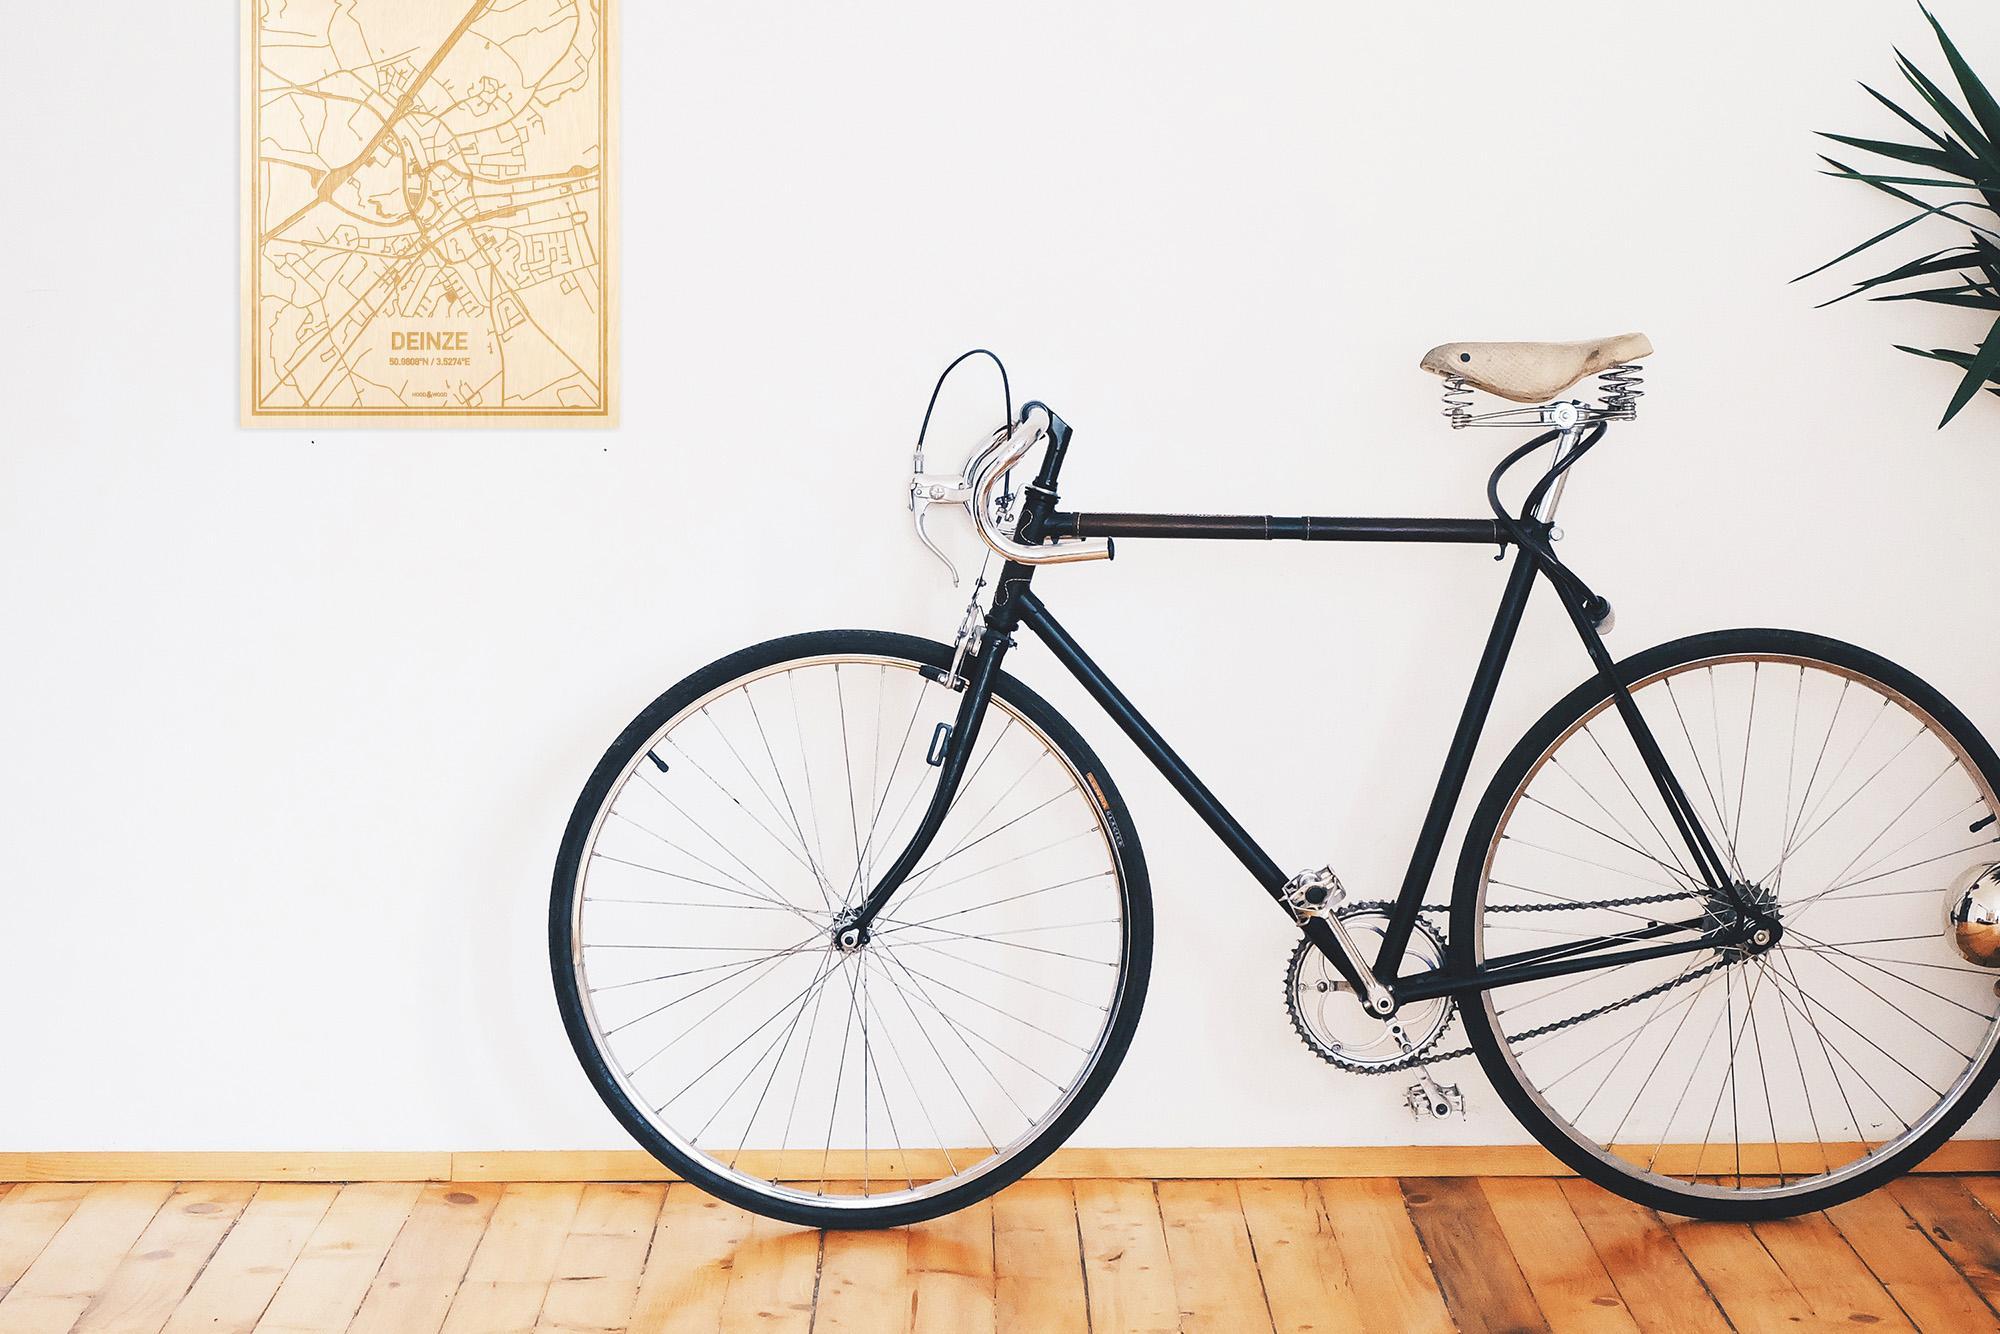 Een snelle fiets in een uniek interieur in Oost-Vlaanderen  met mooie decoratie zoals de plattegrond Deinze.